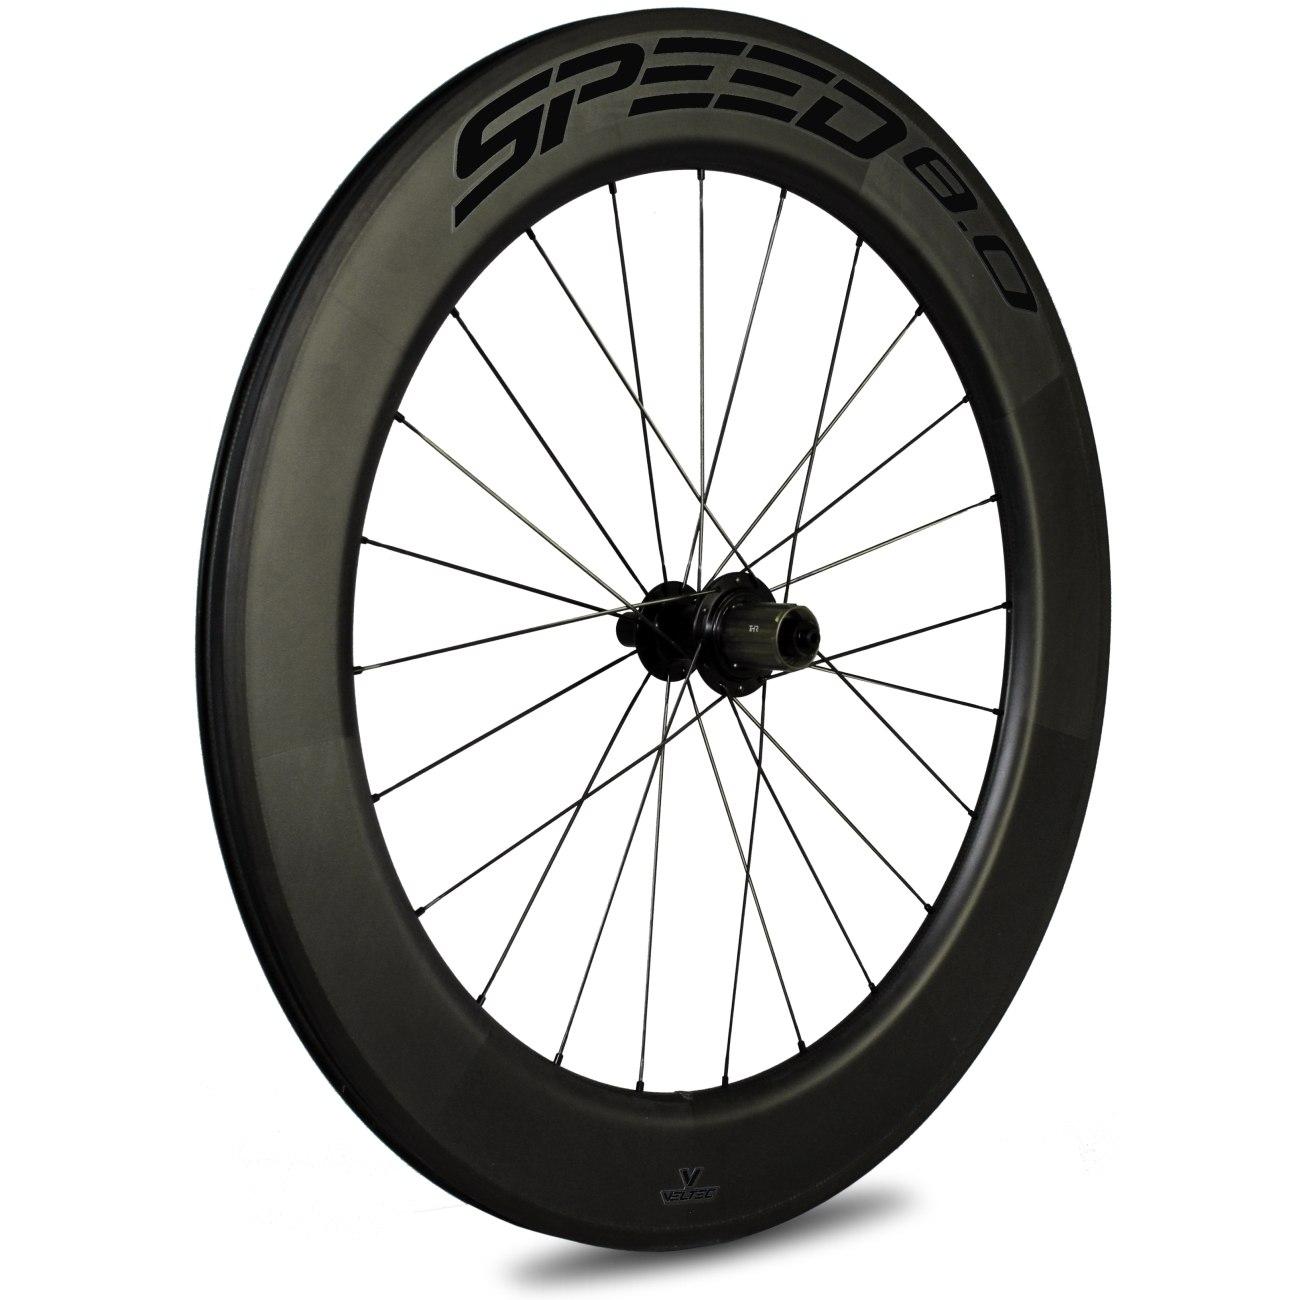 Veltec Speed 8.0 Carbon Hinterrad - Drahtreifen - QR130 - schwarz mit schwarzen Decals